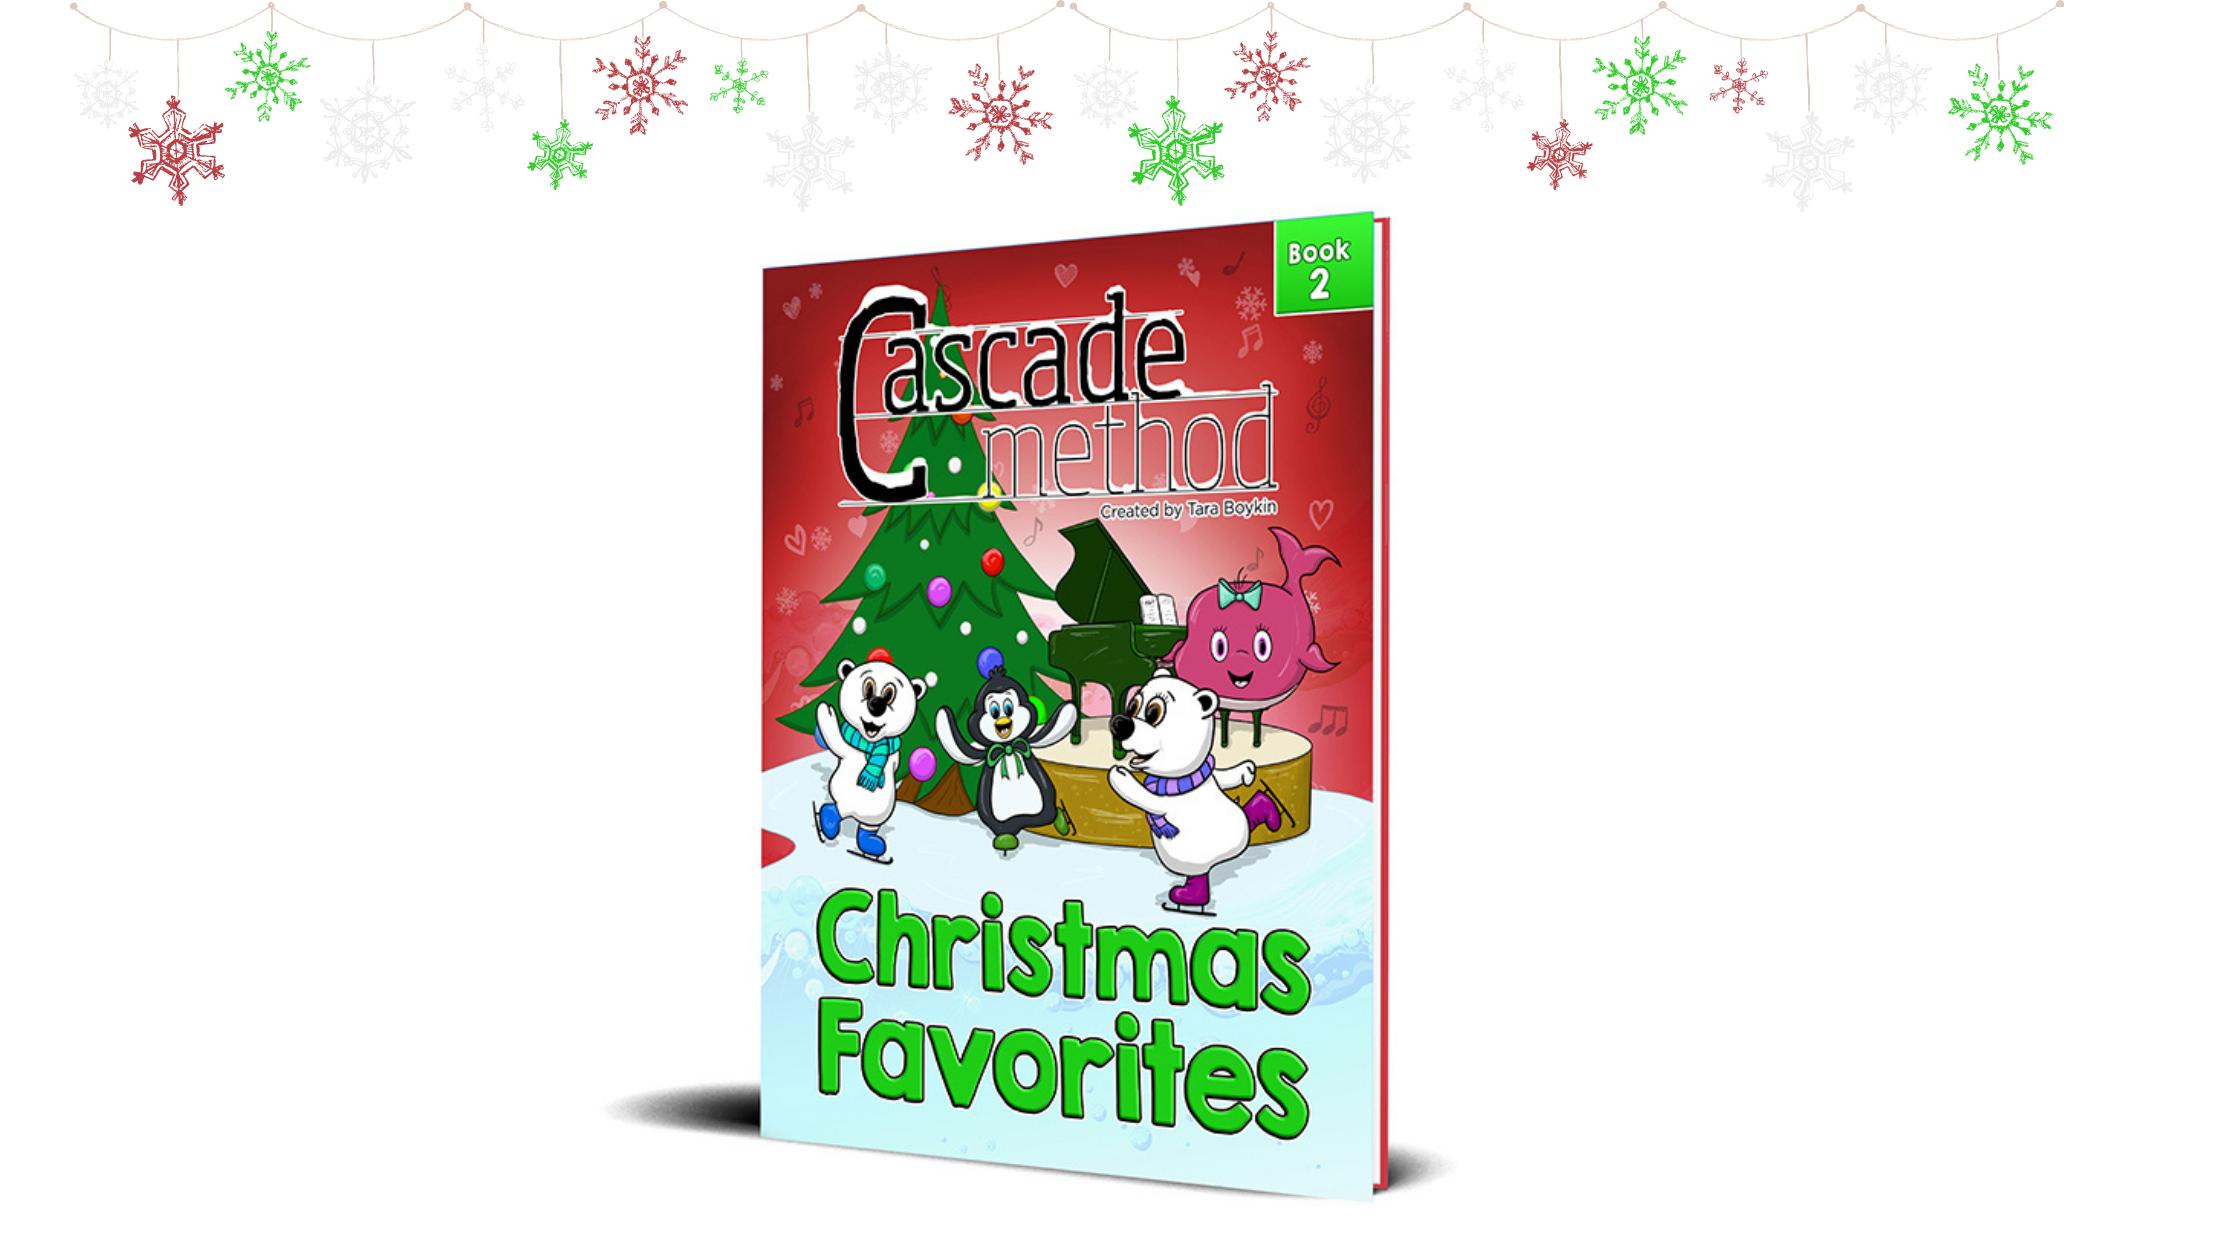 Cascade Method Christmas Favorites Book 2